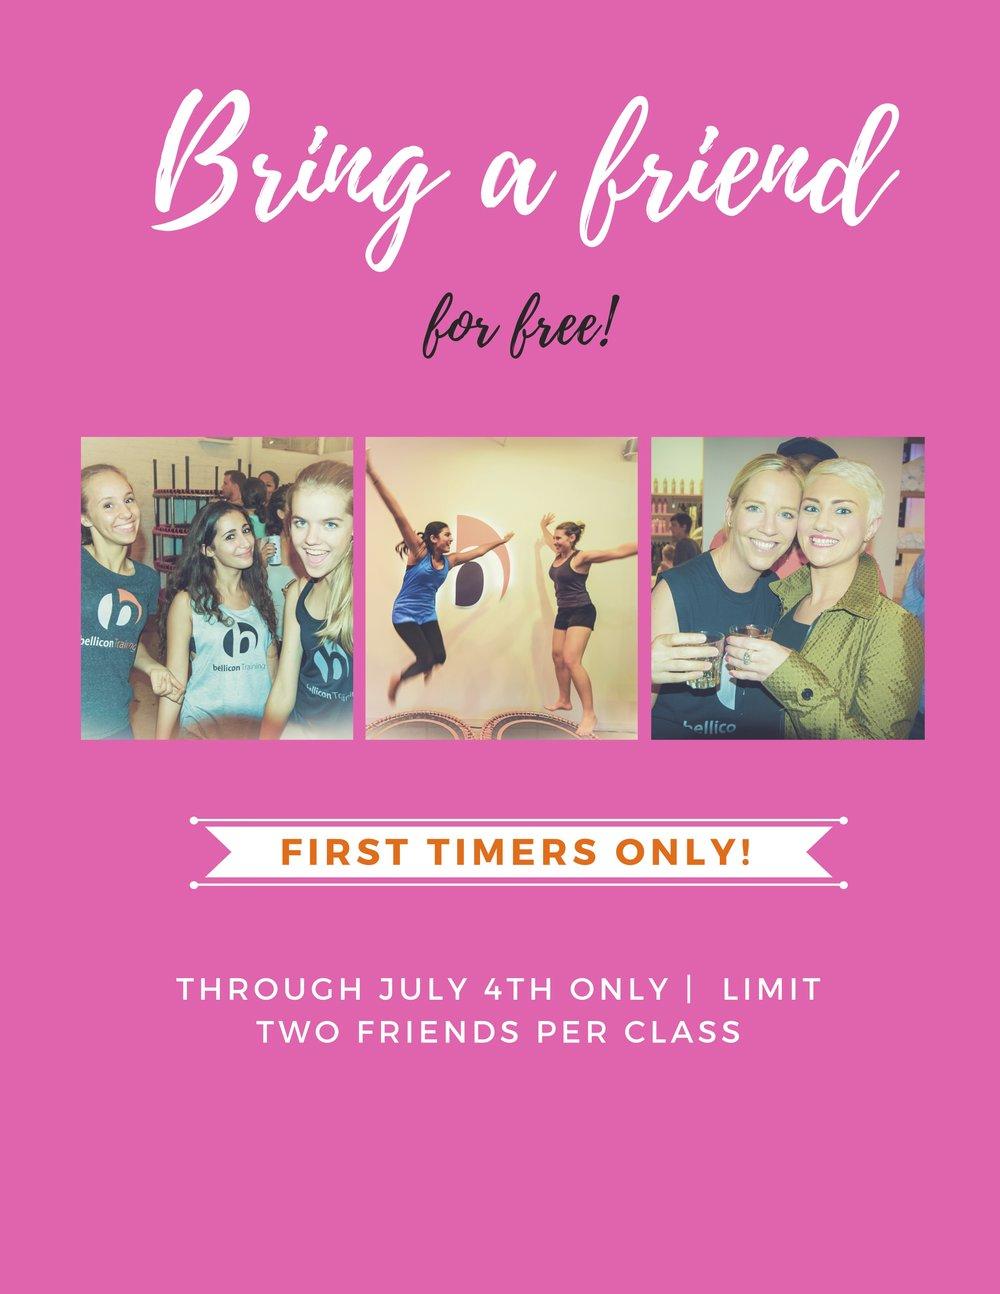 Bring a Friend.jpg